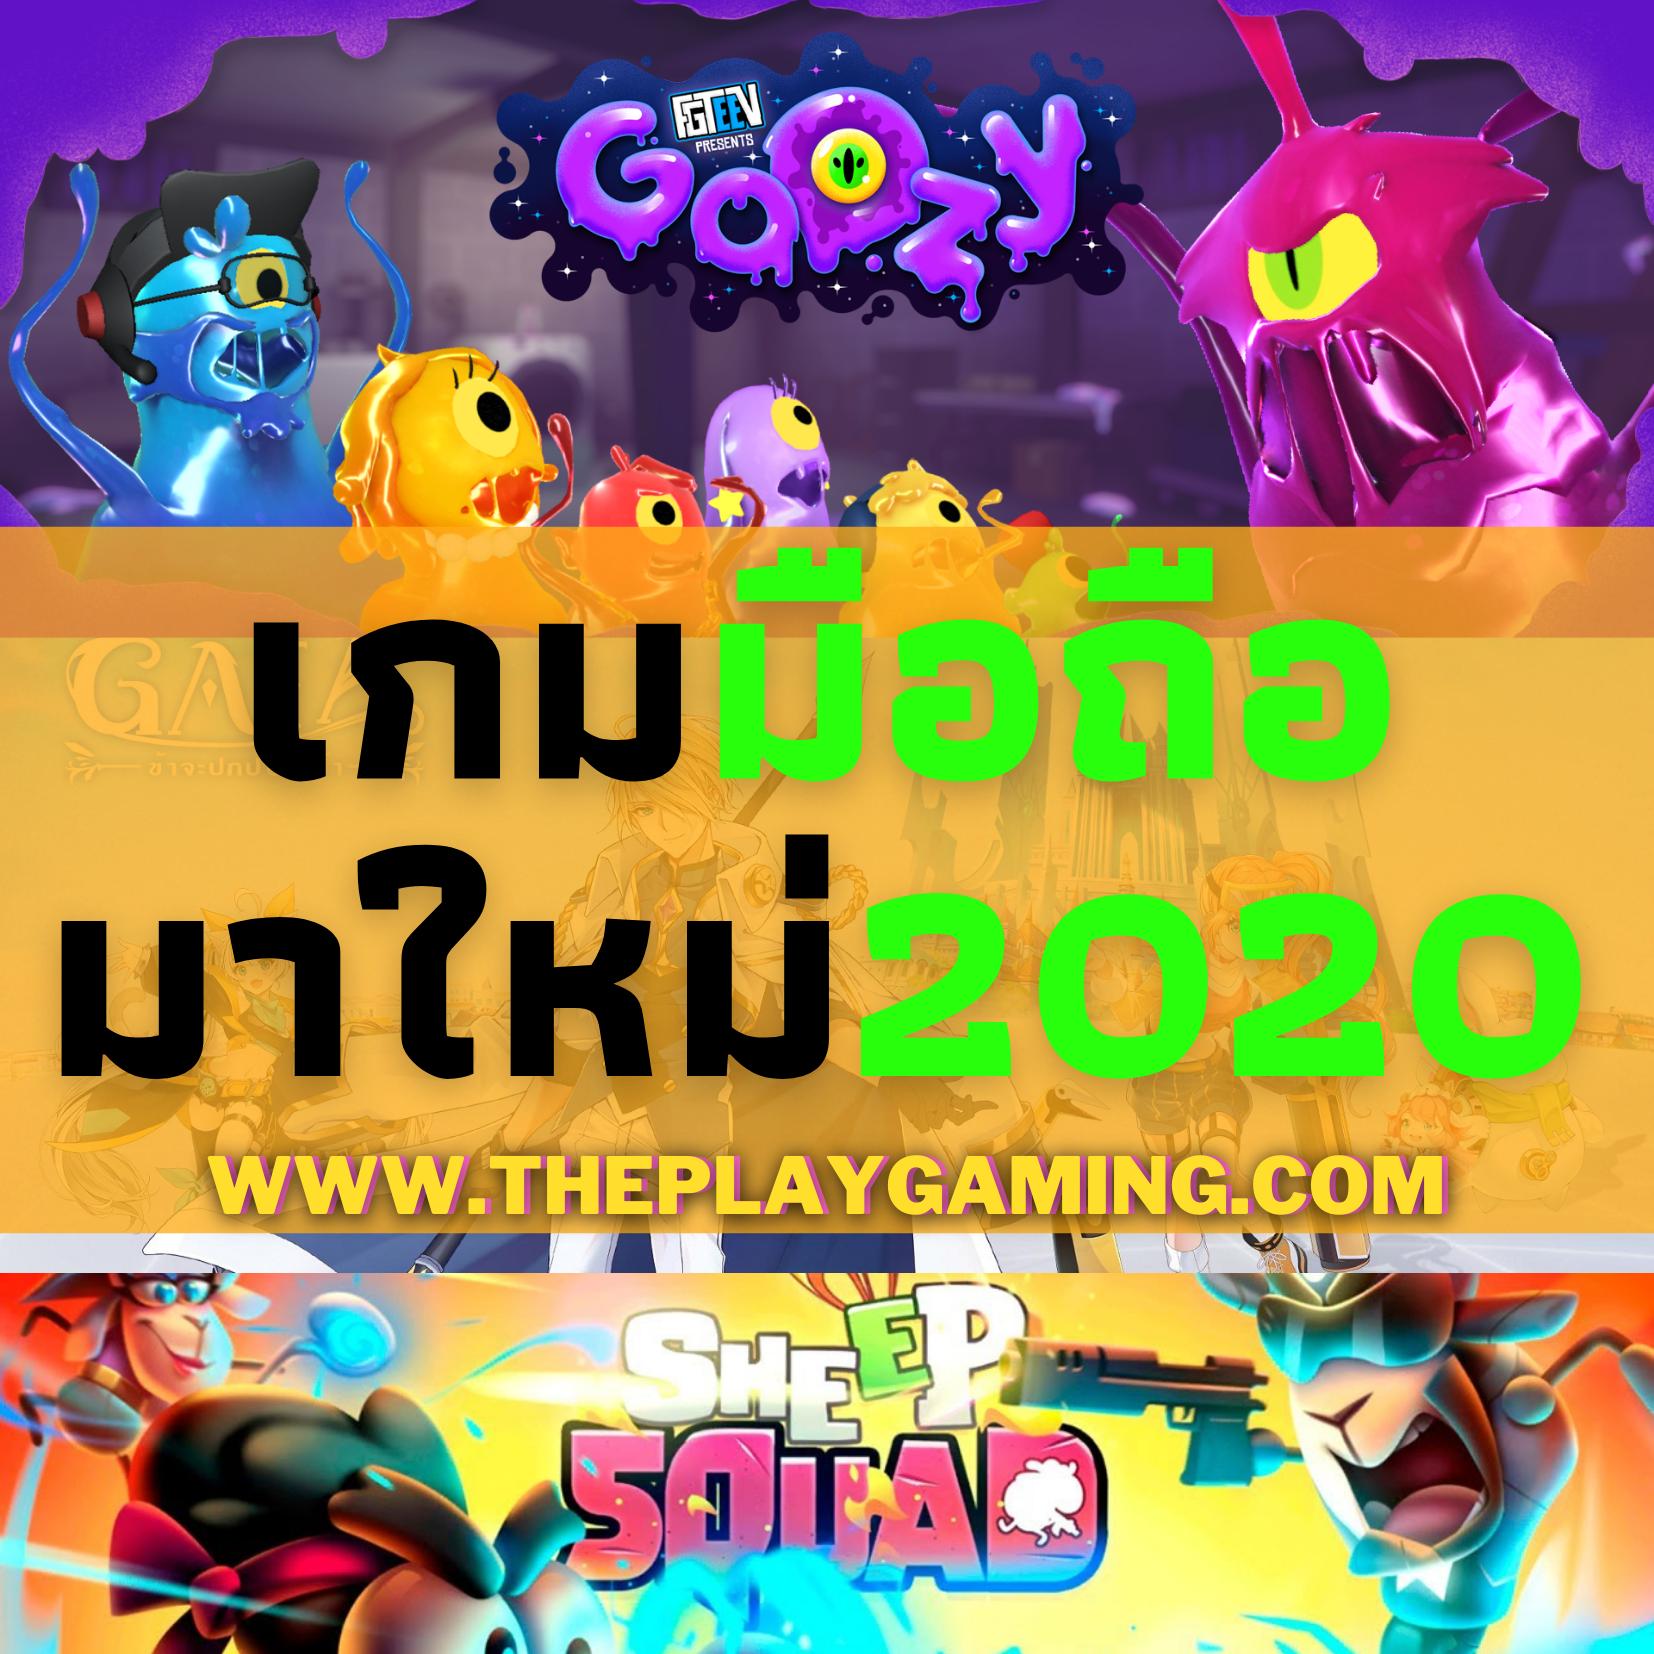 อัพเดทเกมมือถือมาใหม่ ที่น่าเล่น น่าสนใจ บอกต่อเกมมือถือมาใหม่2020 และที่สำคัญยังเป็นตัวเกมที่มี ภาพกราฟฟิกสวยงามเป็นอย่างมาก Remove term: FGTeeV Goozy FGTeeV GoozyRemove term: เกมมือถือมาใหม่2020 เกมมือถือมาใหม่2020Remove term: Sheep Squad Sheep SquadRemove term: Tales of Gaia Tales of GaiaRemove term: เกมมือถือเก็บเวล2020 เกมมือถือเก็บเวล2020Remove term: เกมมือถือสนุกๆออนไลน์ เกมมือถือสนุกๆออนไลน์